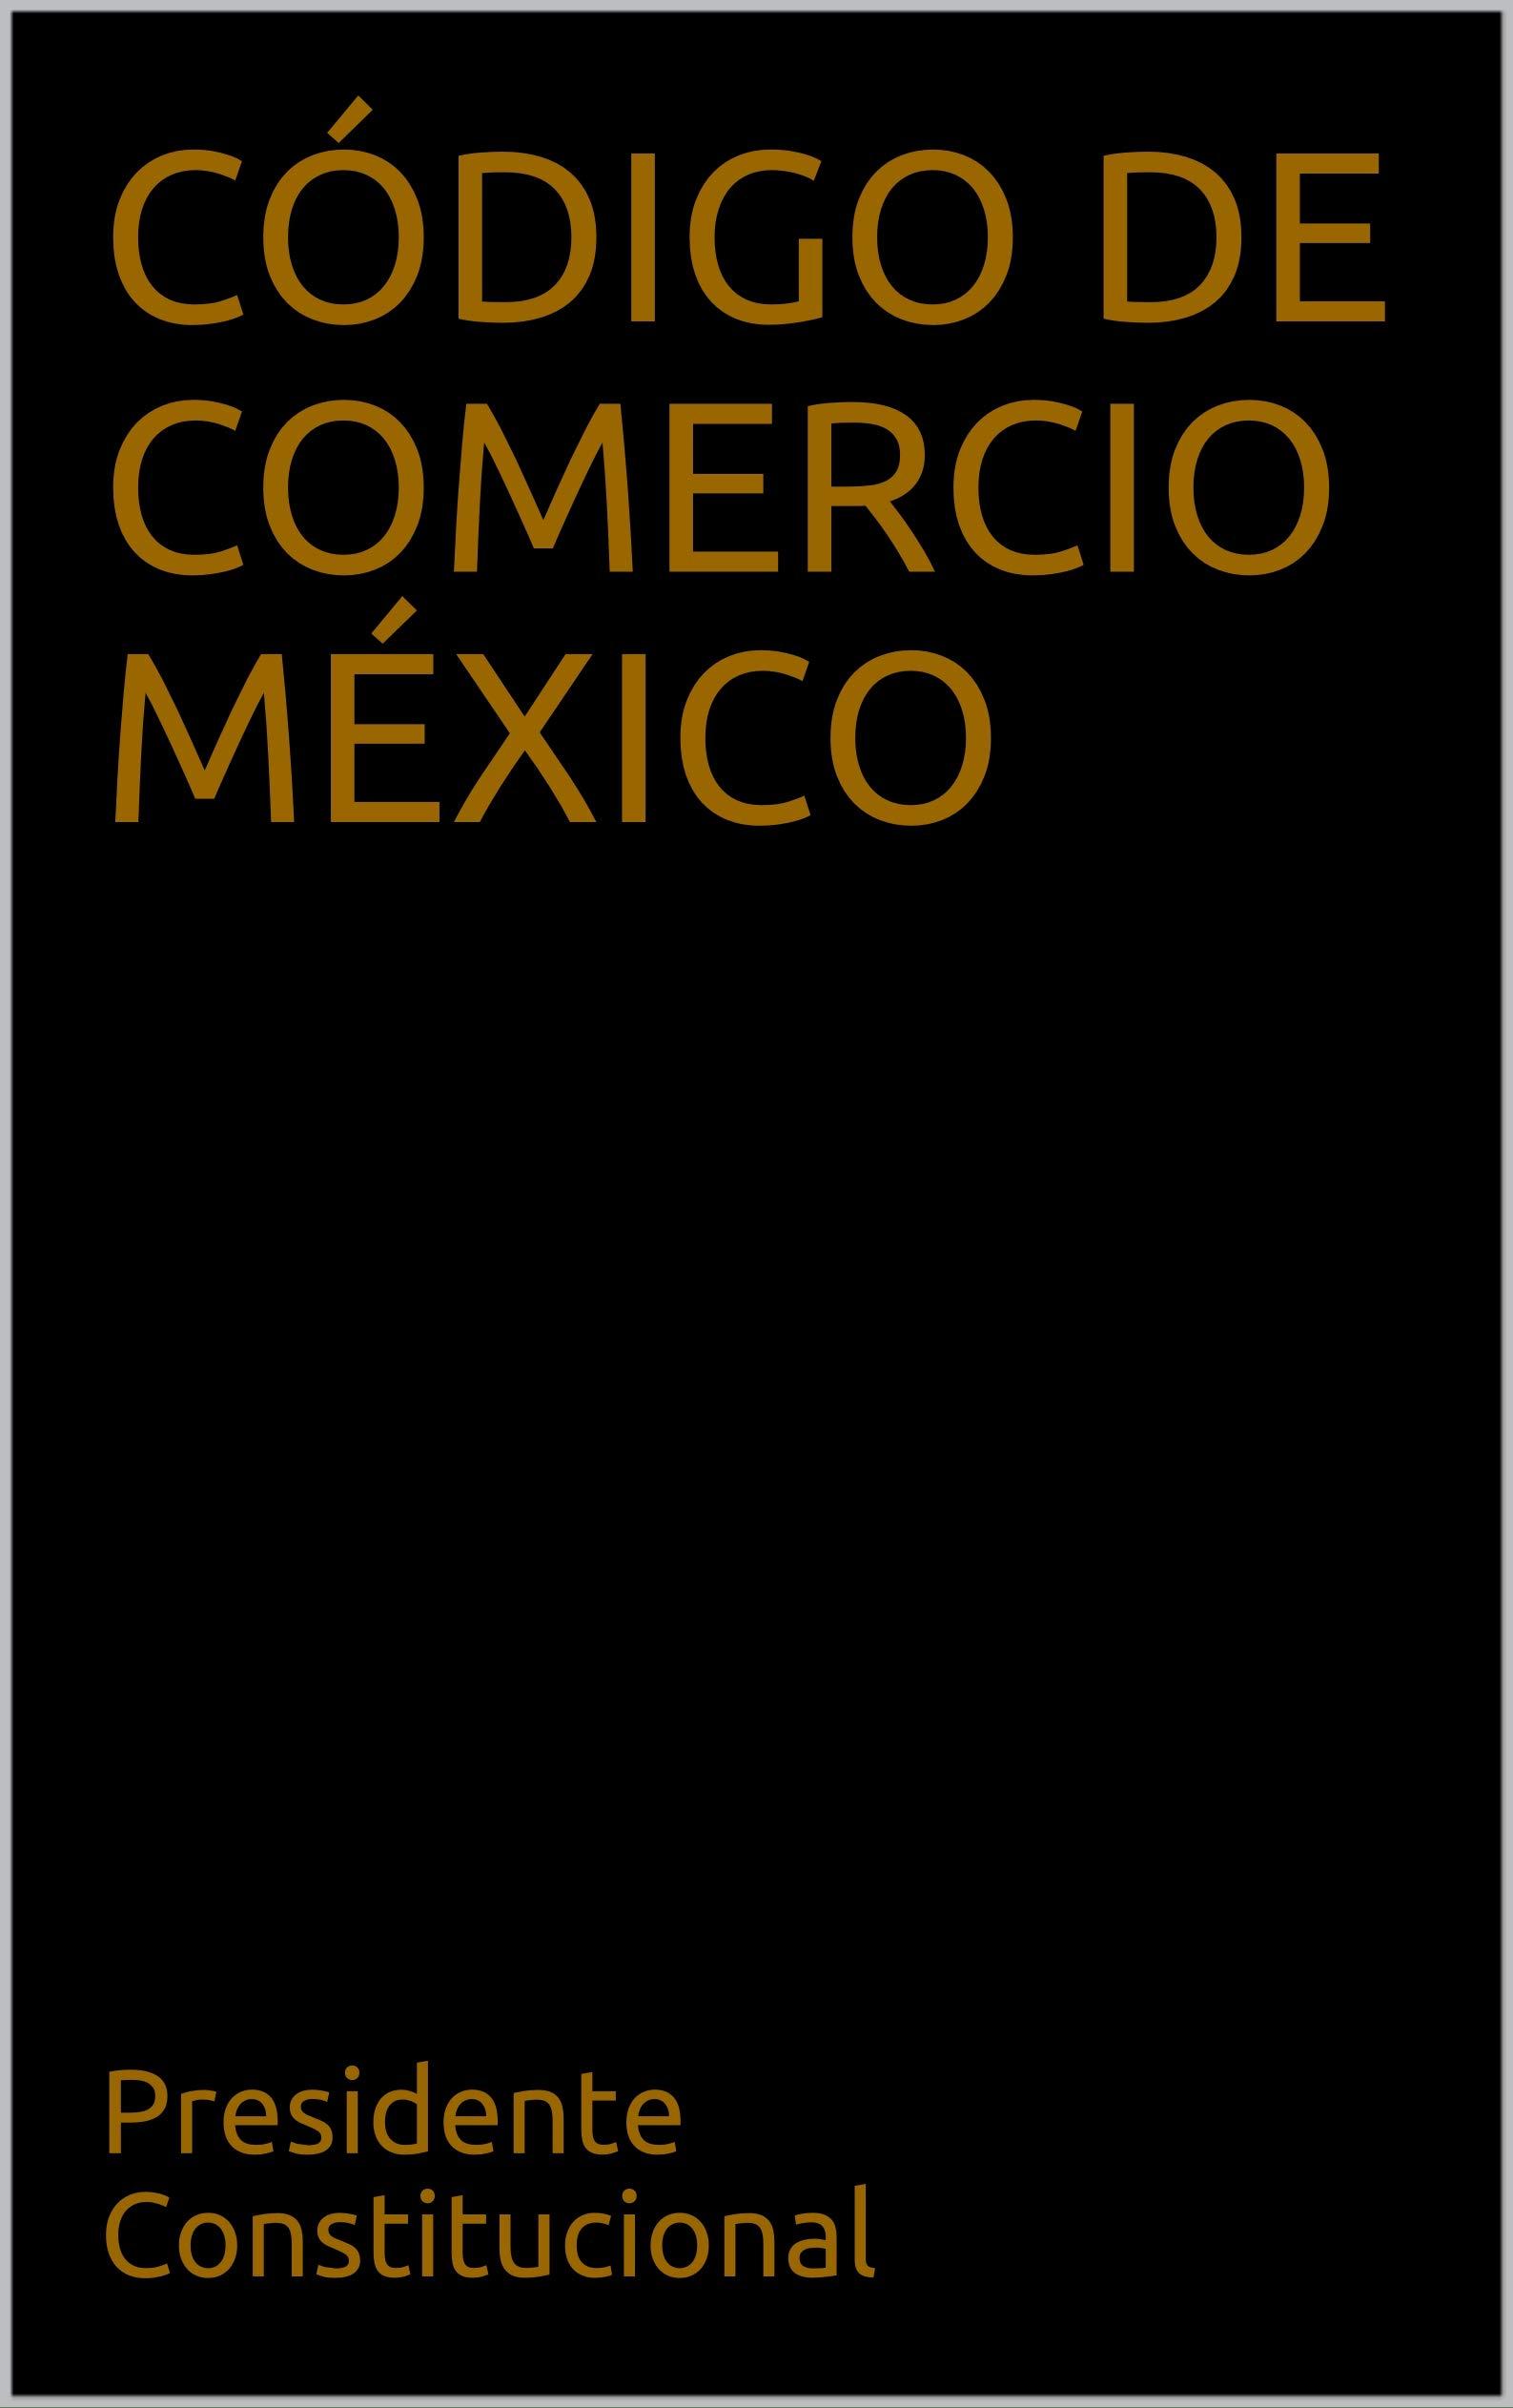 CÓDIGO DE COMERCIO MÉXICO (Spanish Edition)